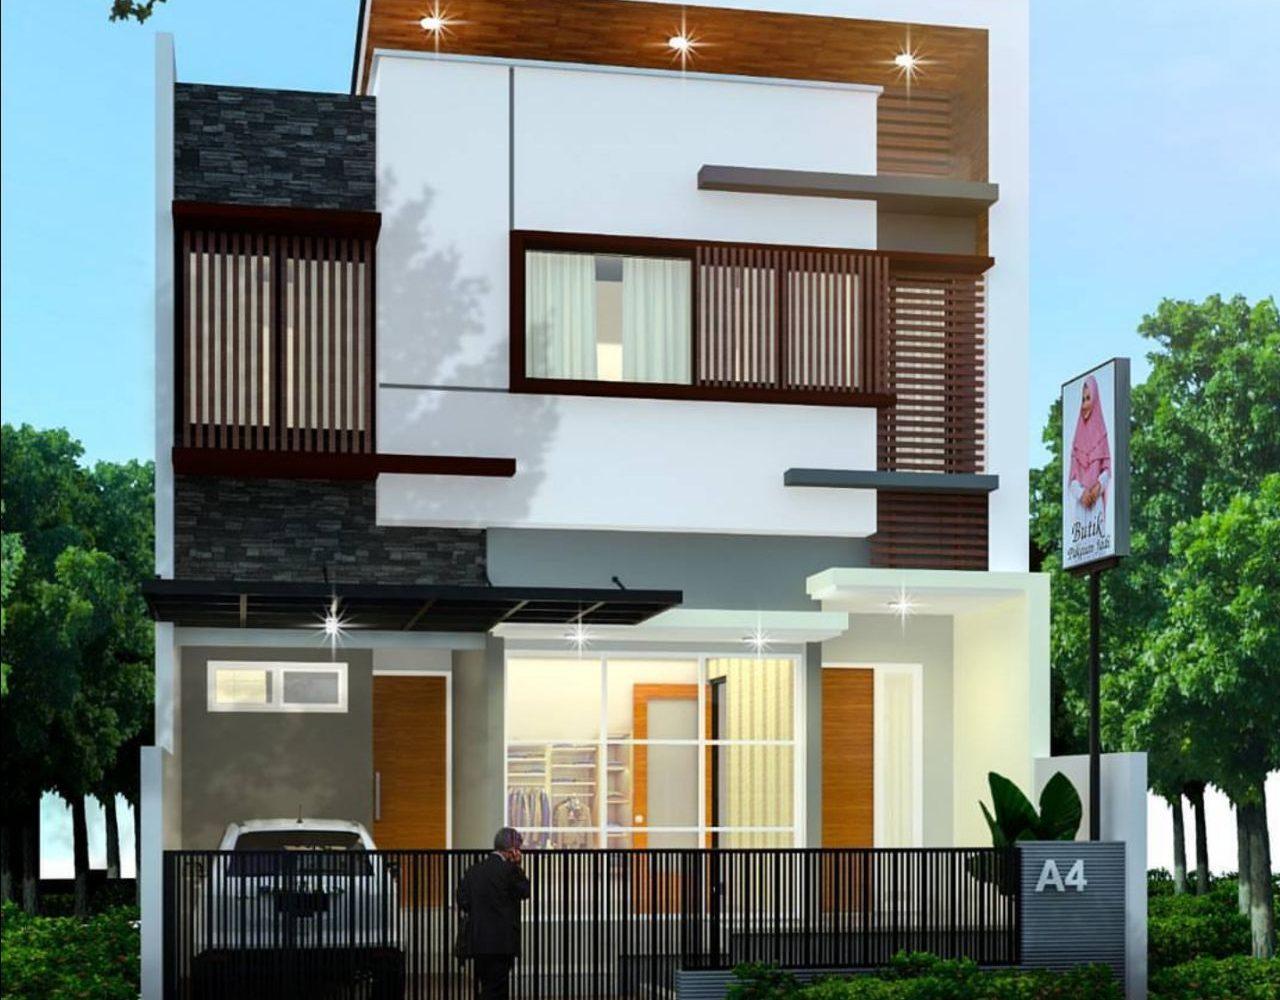 Desain Rumah Tinggal 2 Lantai Balikpapan